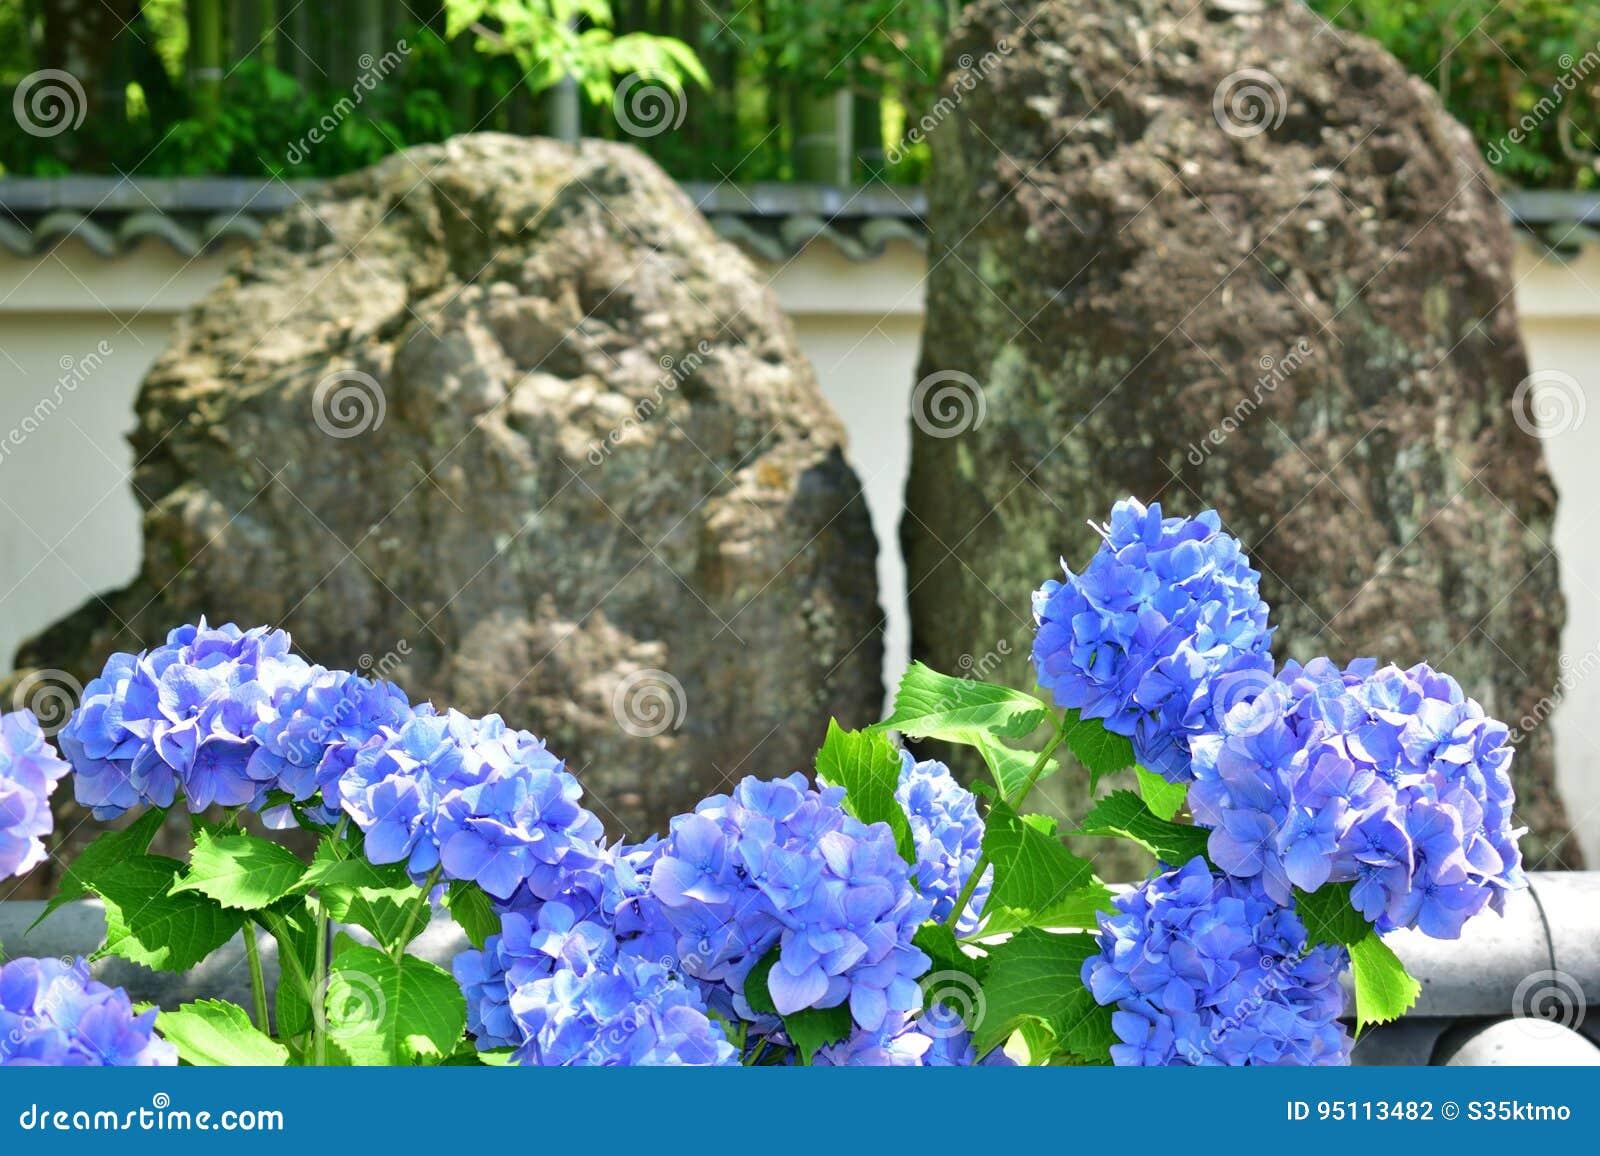 Roche De Zen Et Fleur De Jardin Japonais Japon Photo Stock Image